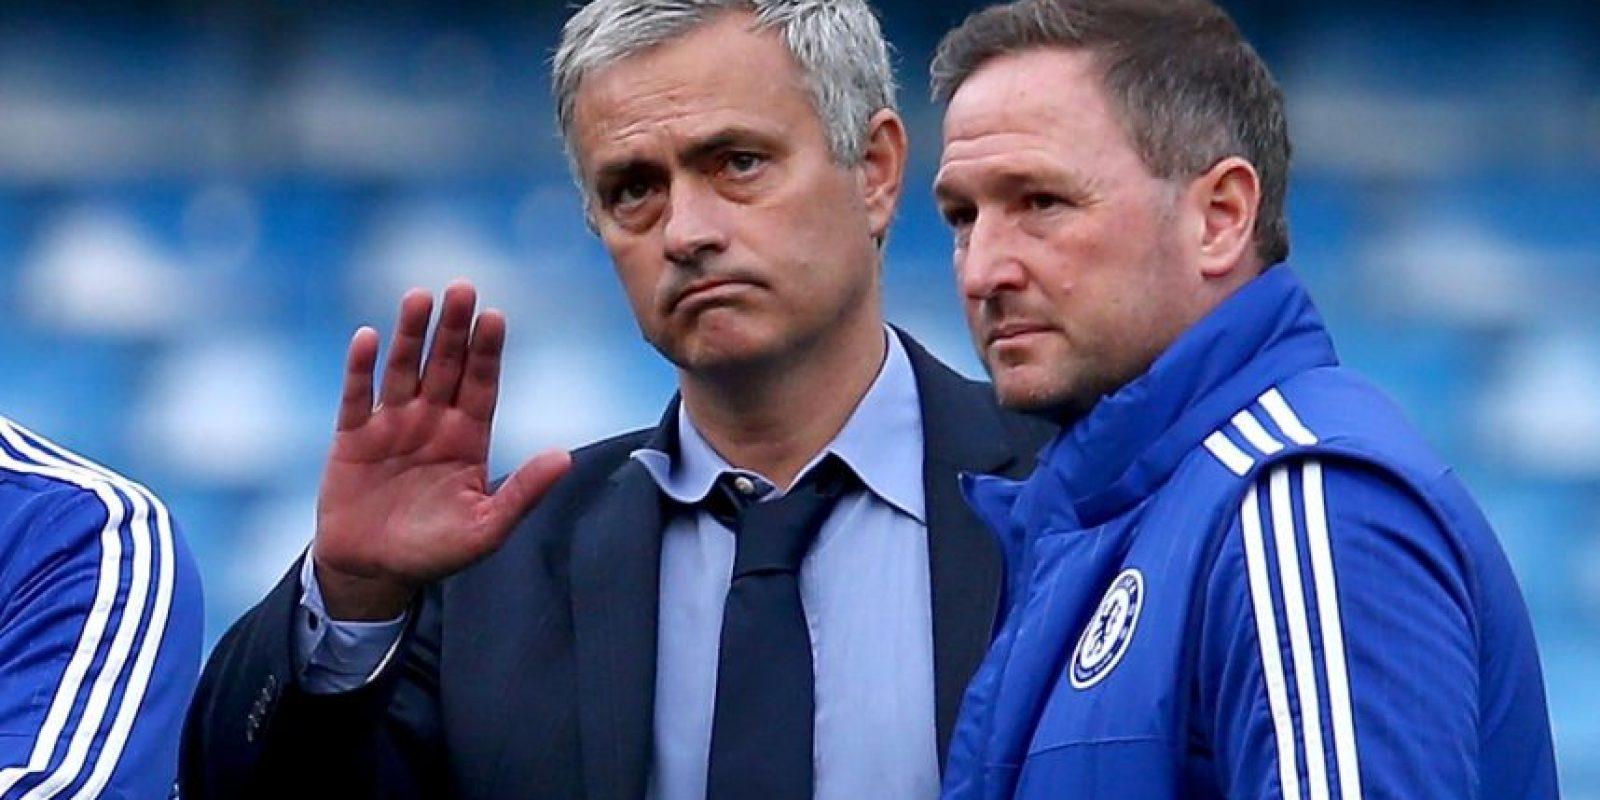 """Varios medios en Inglaterra apuntan a que """"Mou"""" no terminará la temporada por sus malos resultados, y tienen semanas hablando de su inminente despido. Foto:Getty Images"""